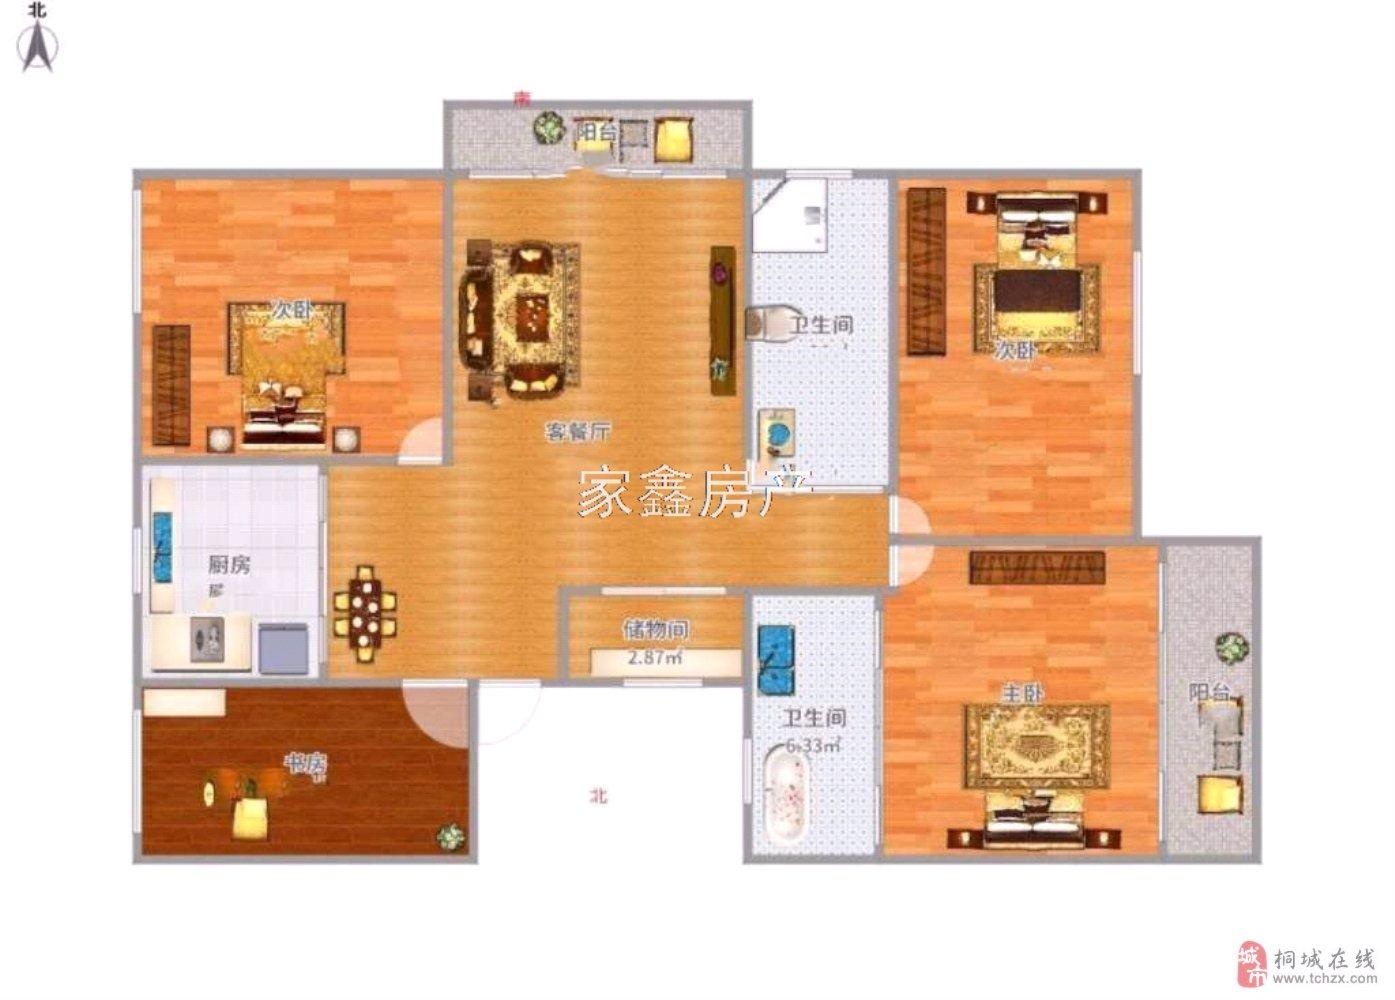 花漾年华~电梯观景房~超大阳台~实际面积达140平